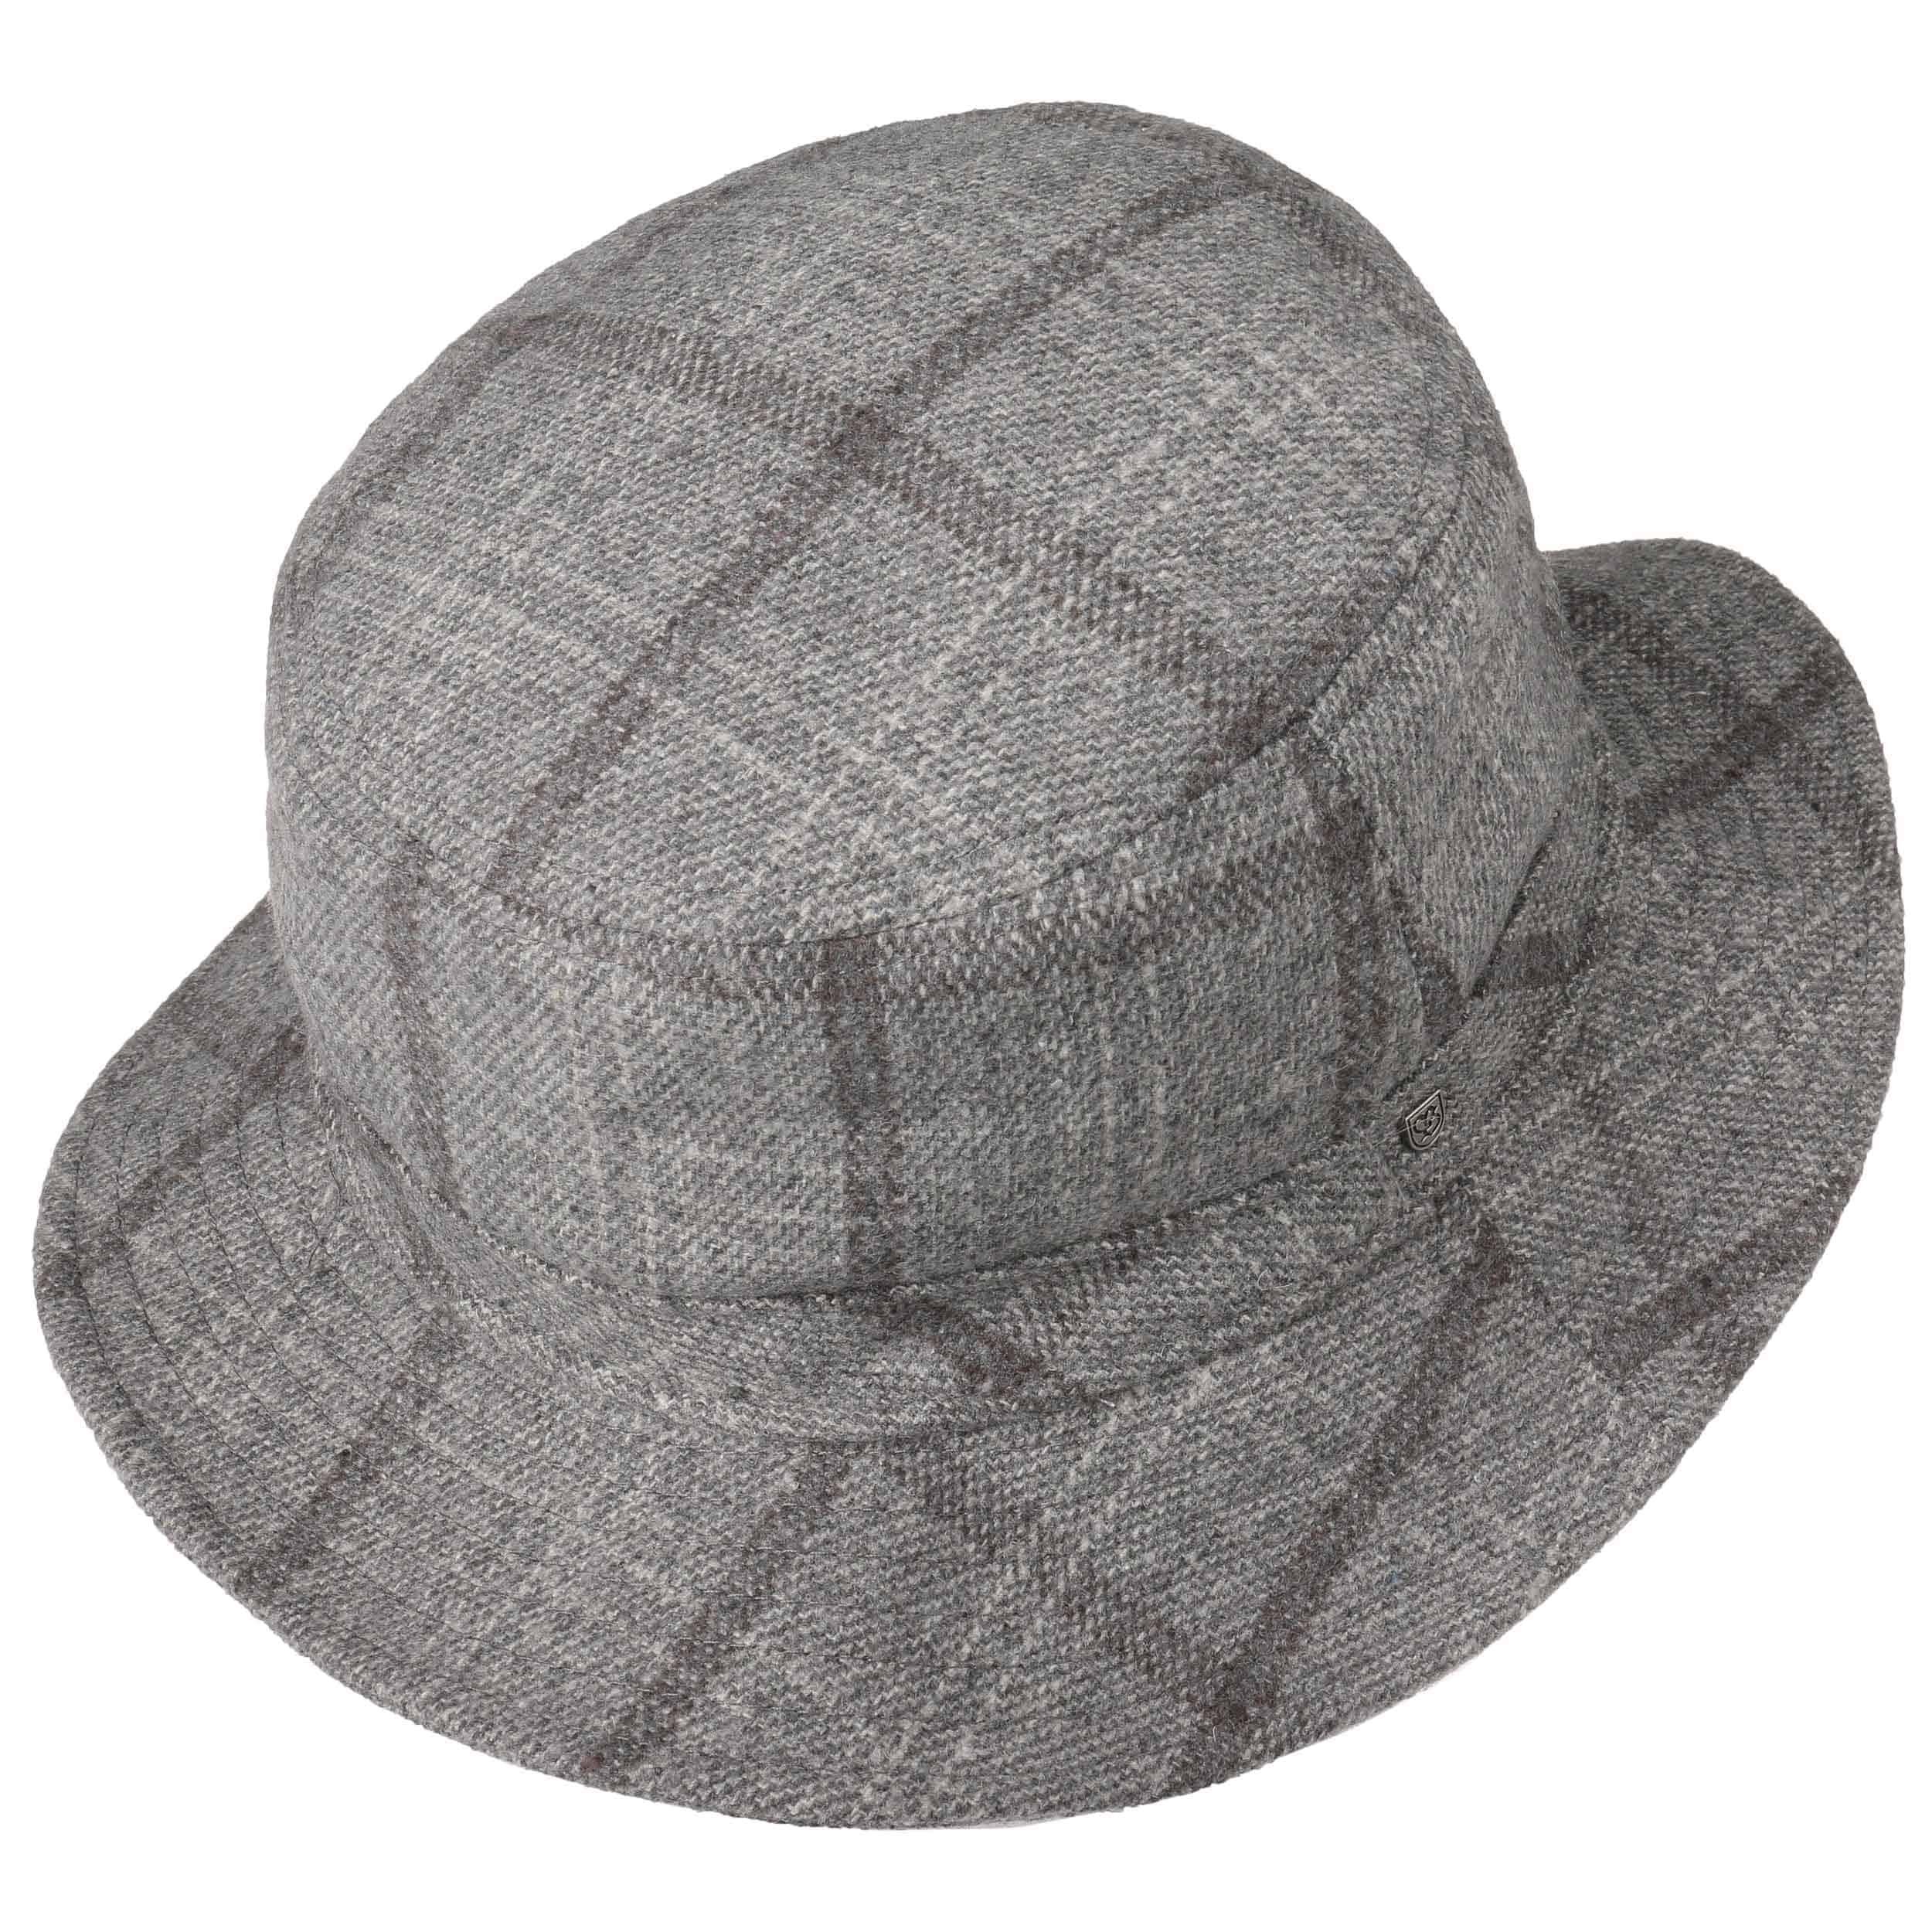 Sombrero de Mujer Women´s Bucket by Brixton - Sombreros ... 758f93bb1f9